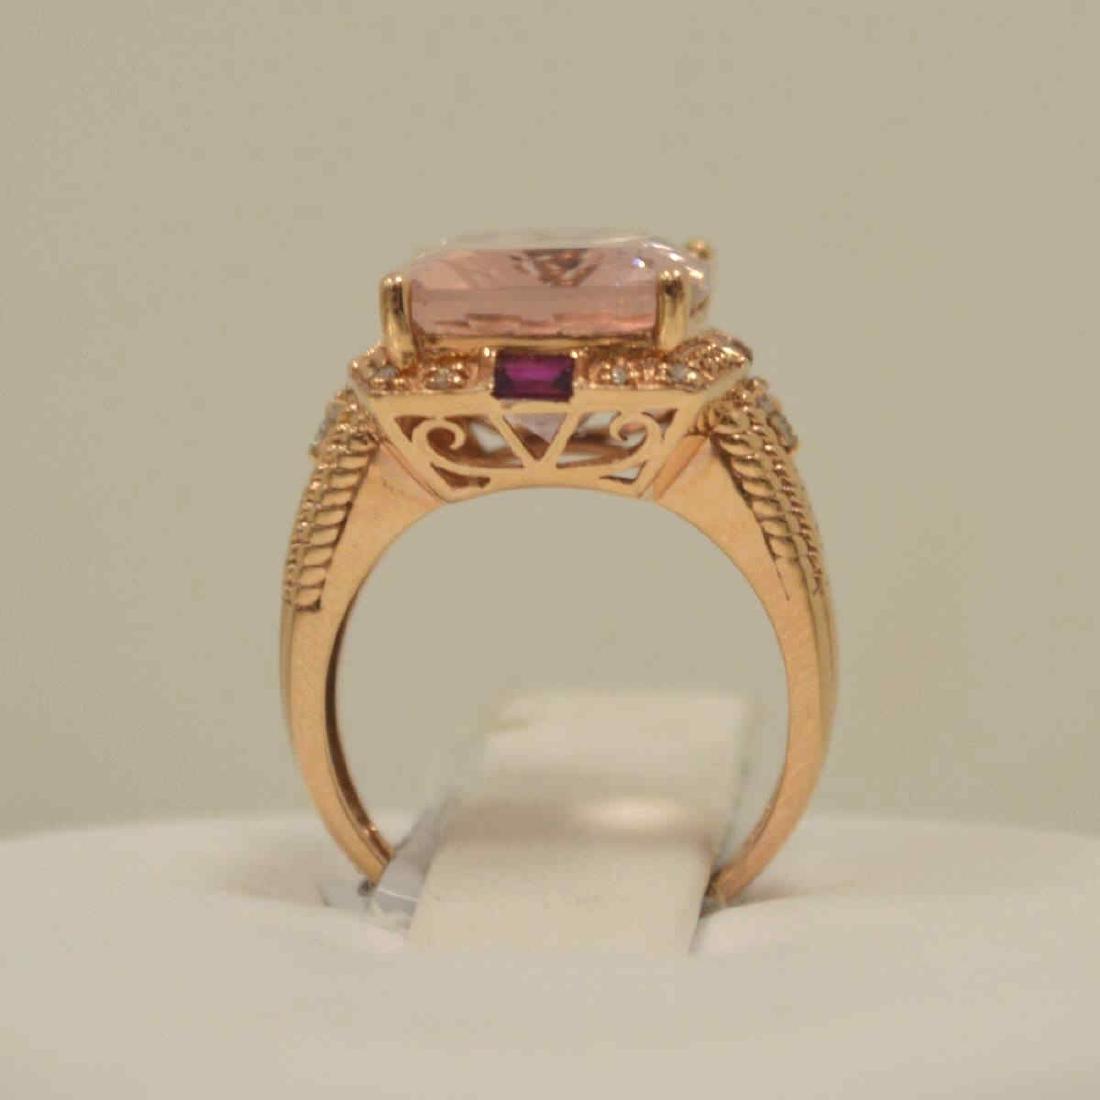 14kt rose gold morganite fashion ring - 3